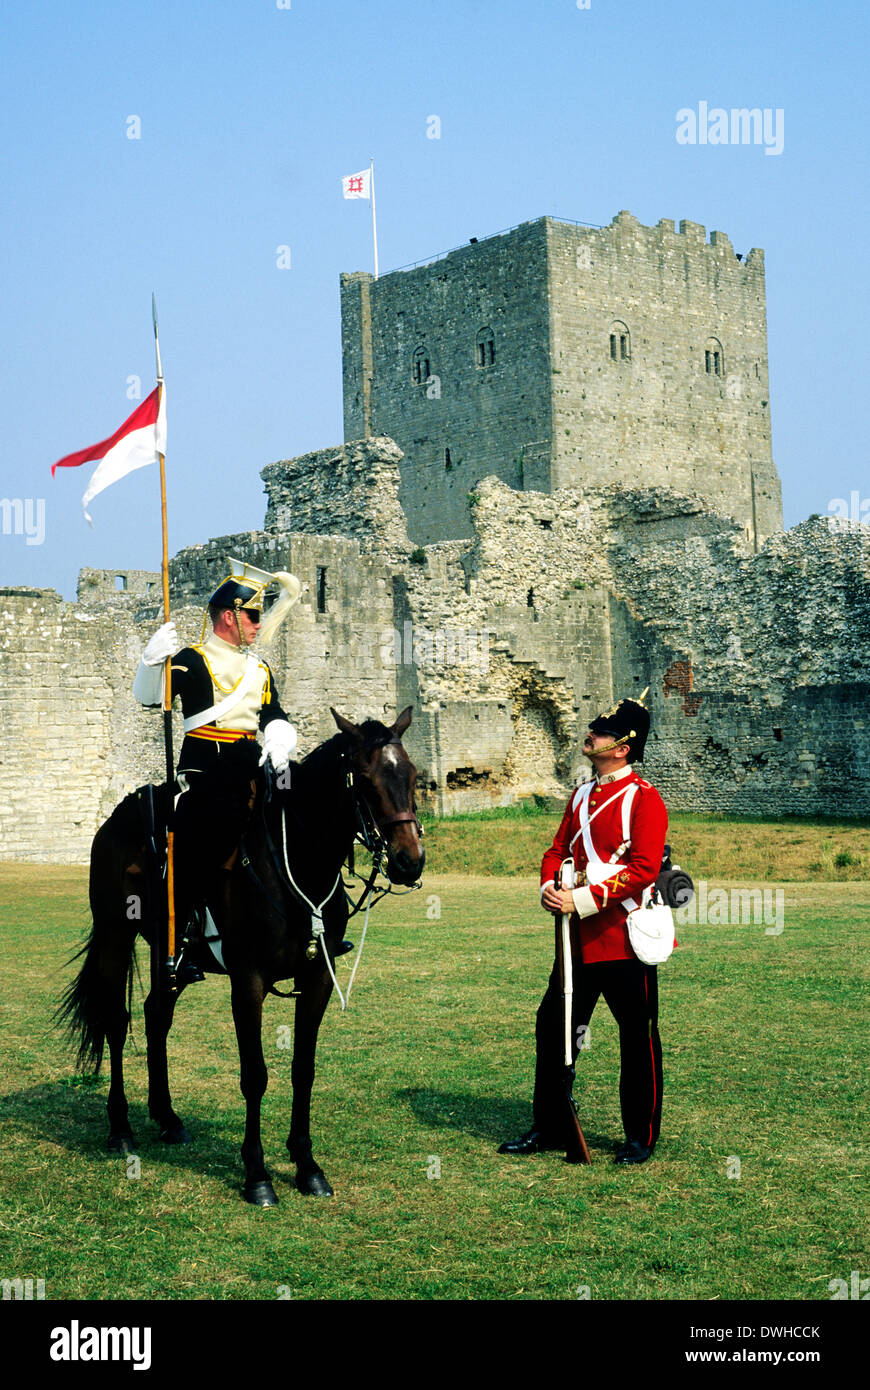 Portchester Castle, Hampshire, Ende des 19. Jahrhunderts britische Militär, 17. Lancers und 57. Middlesex Regiment, Stockfoto